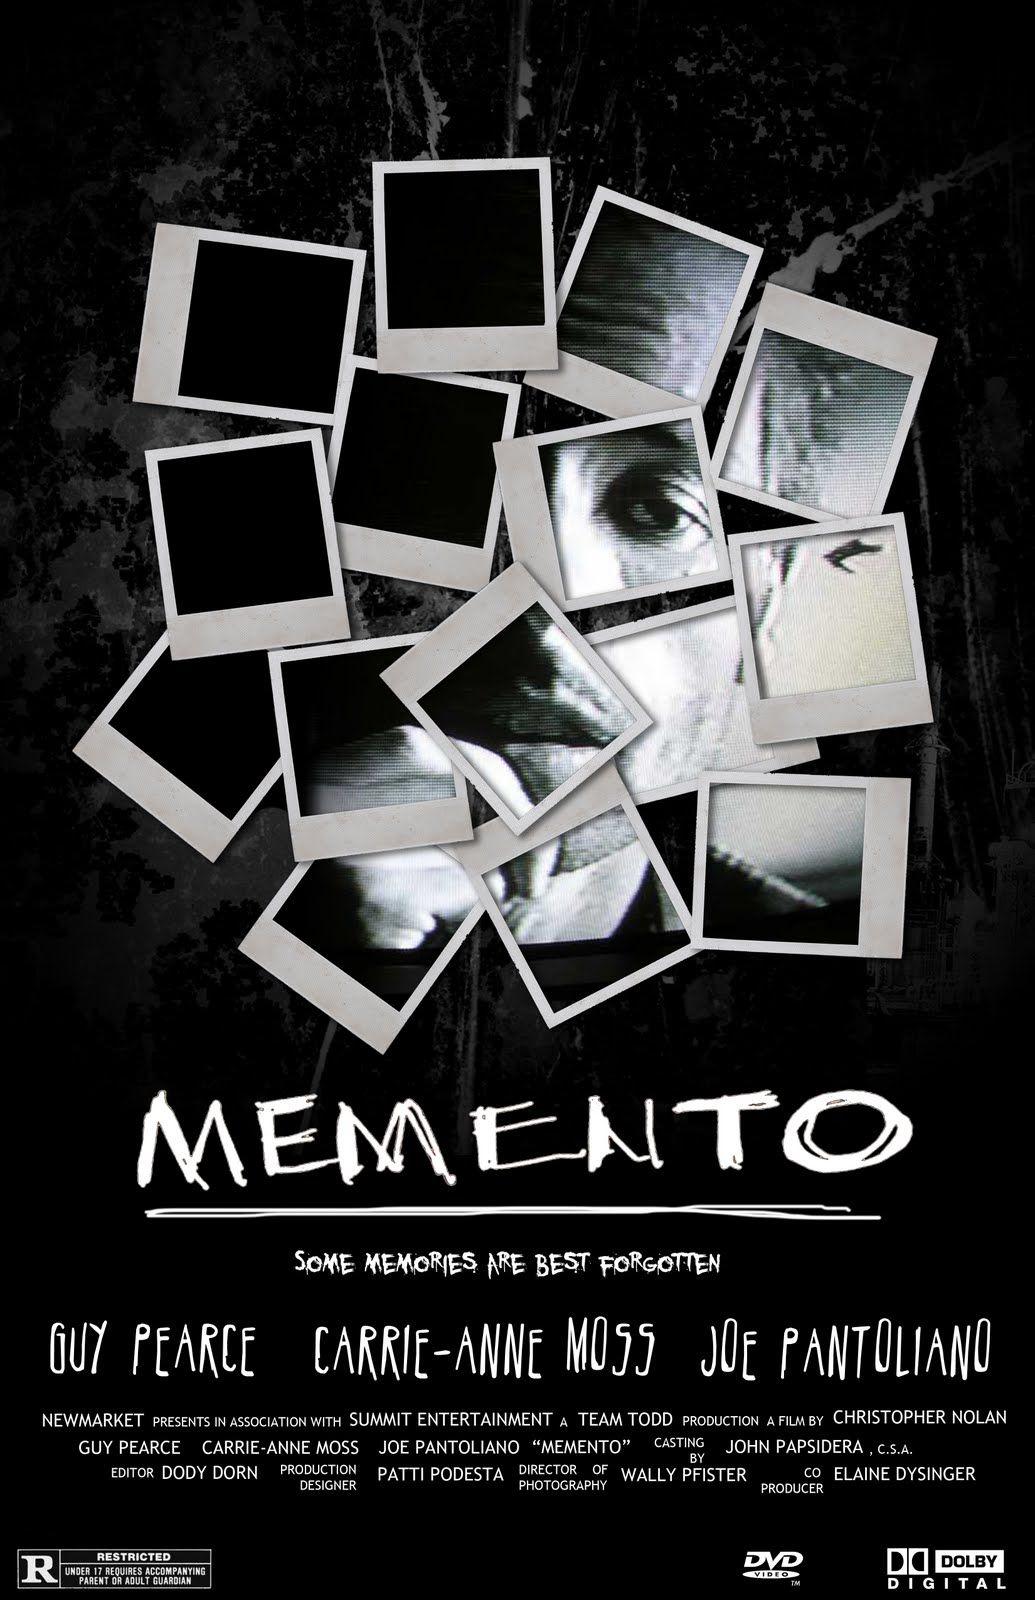 Memento 2000 Dirigida Por Christopher Nolan Y Protagonizada Por Guy Pearce Carrie Anne Moss Y Joe Pantoliano Thr Poster De Cine Cine Carteles De Peliculas